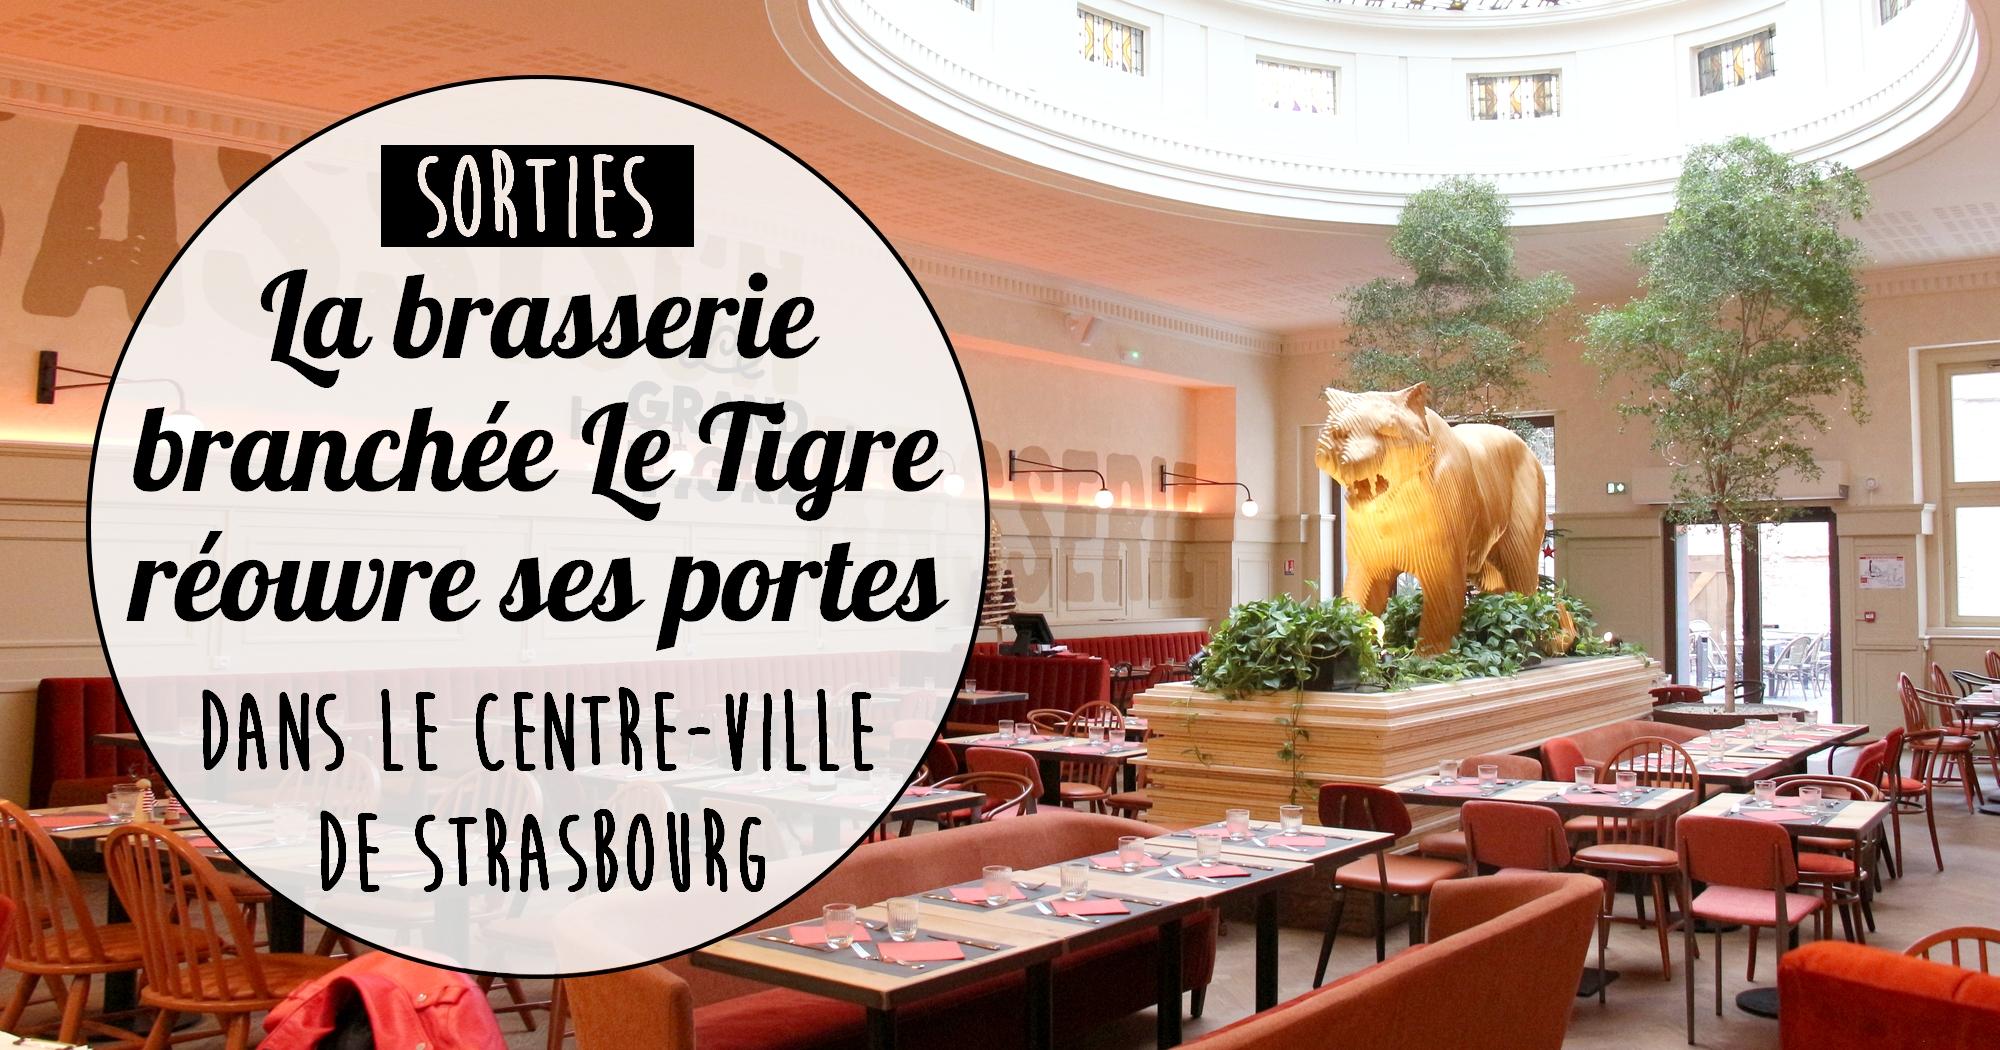 Strasbourg : la brasserie branchée Le Tigre réouvre enfin ses portes !